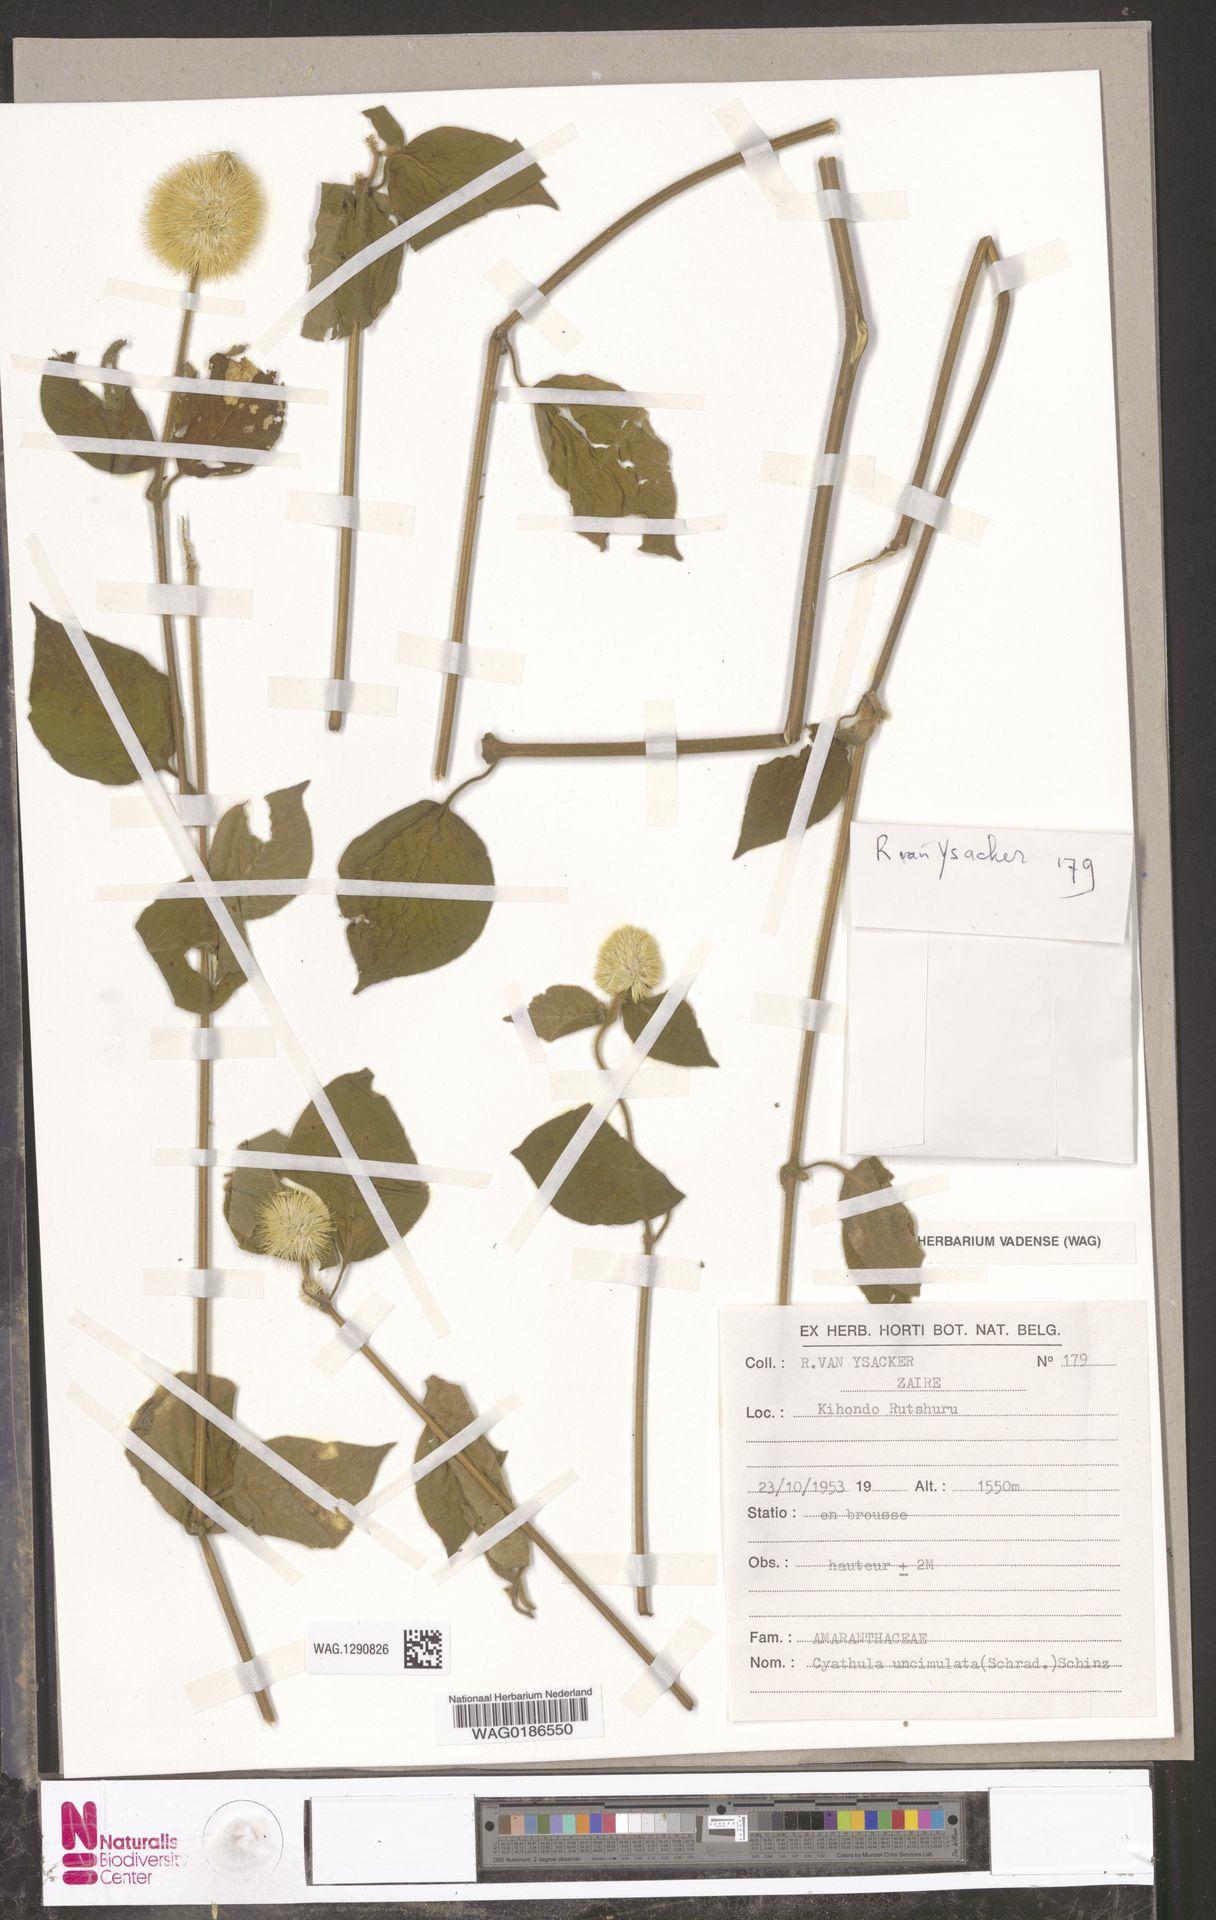 WAG.1290826 | Cyathula uncinulata (Schrad.) Schinz